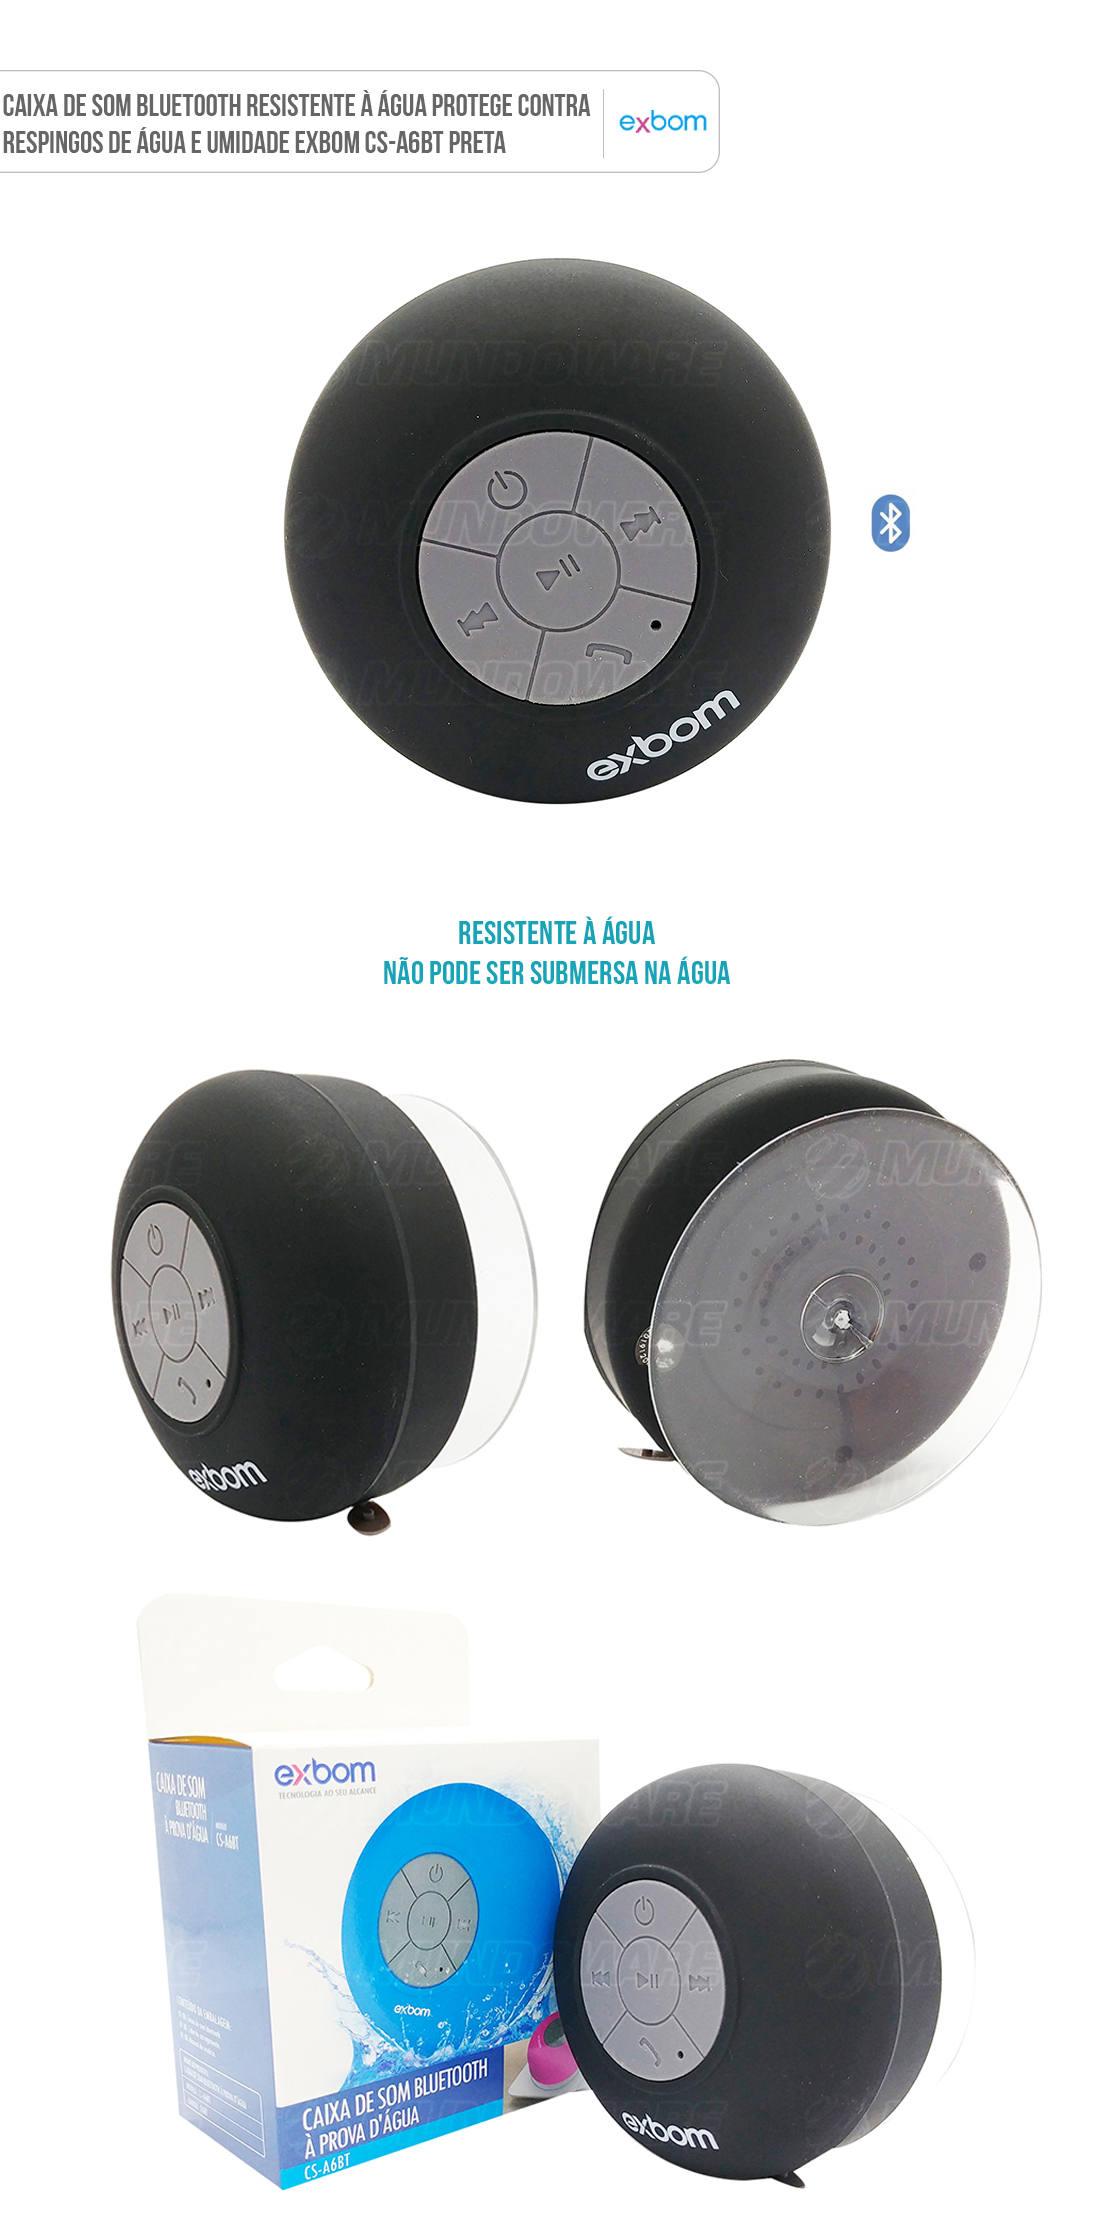 Caixa Bluetooth Resistente à Água Microfone Embutido Ventosa ultra resistente